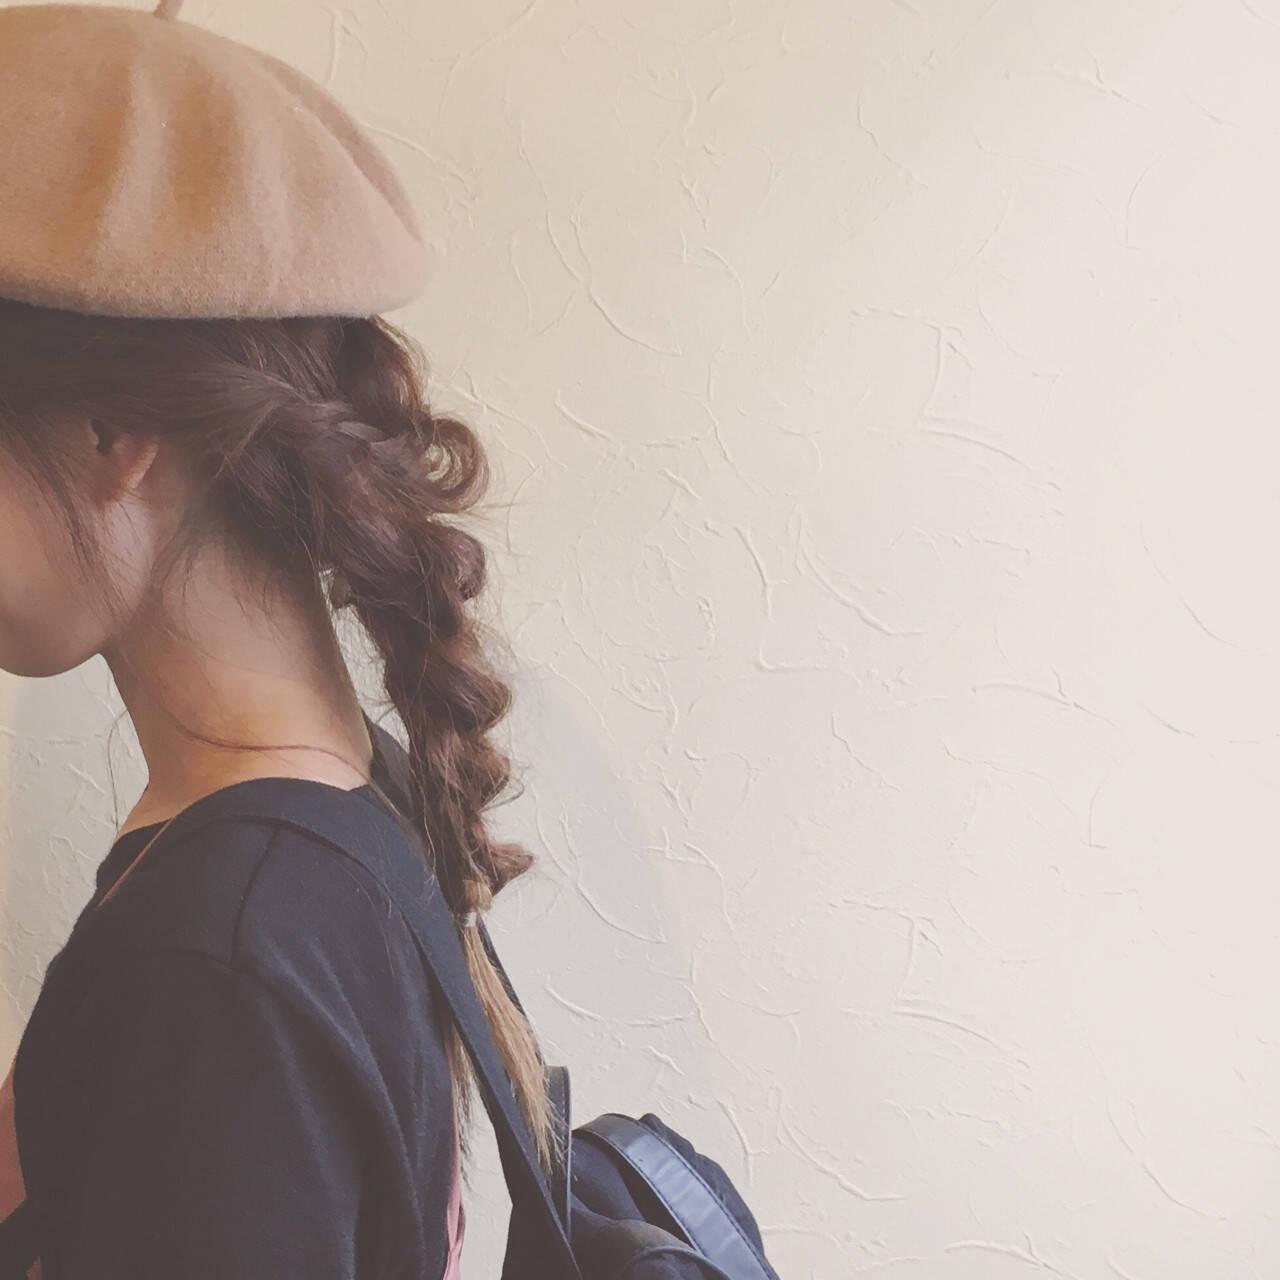 ベレー帽 ヘアアレンジ デート フェミニンヘアスタイルや髪型の写真・画像